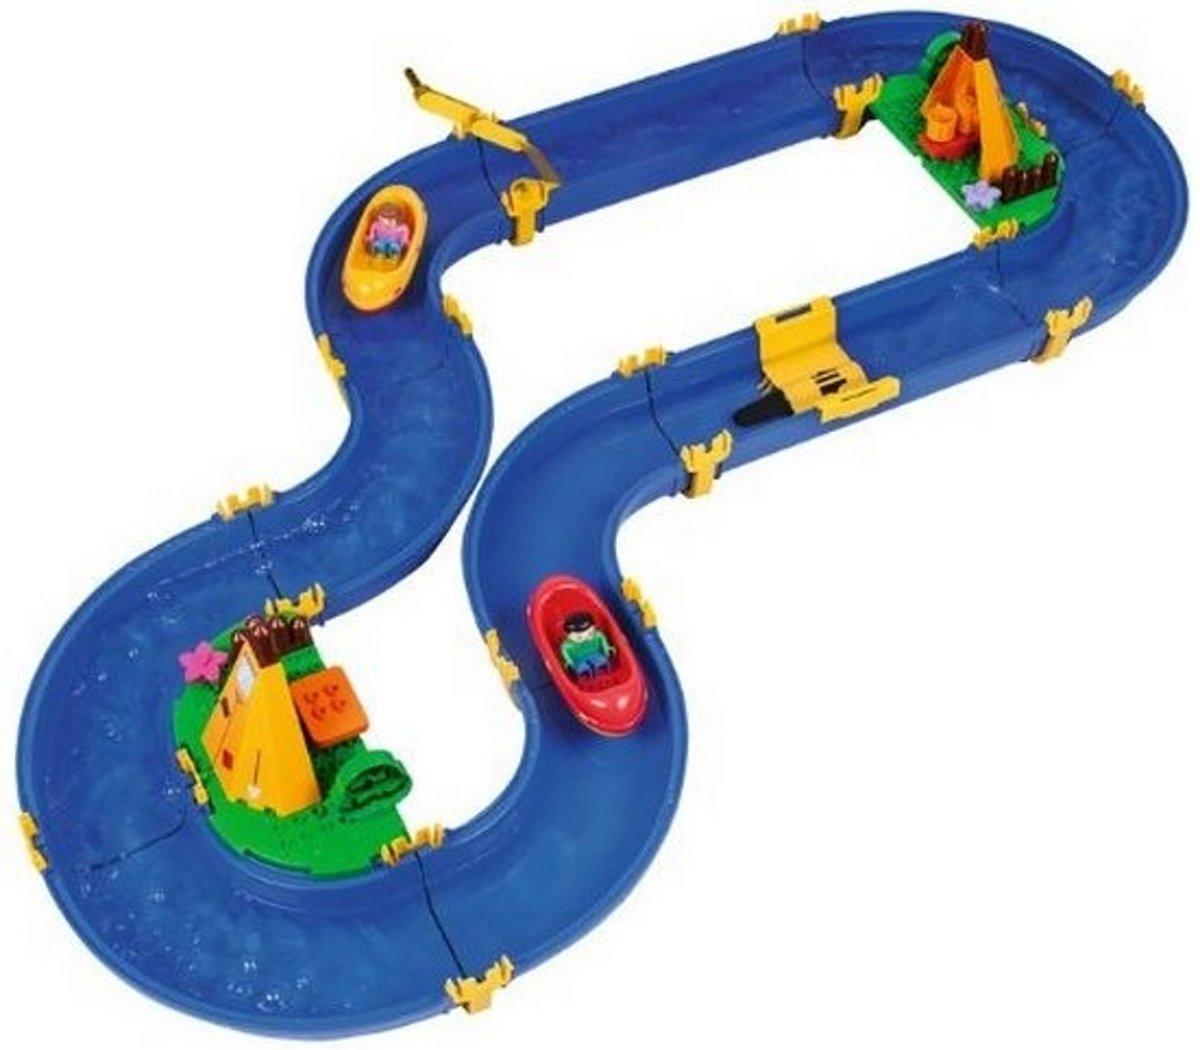 Bolcom Waterplay Colorado Waterbaan Merkloos Speelgoed